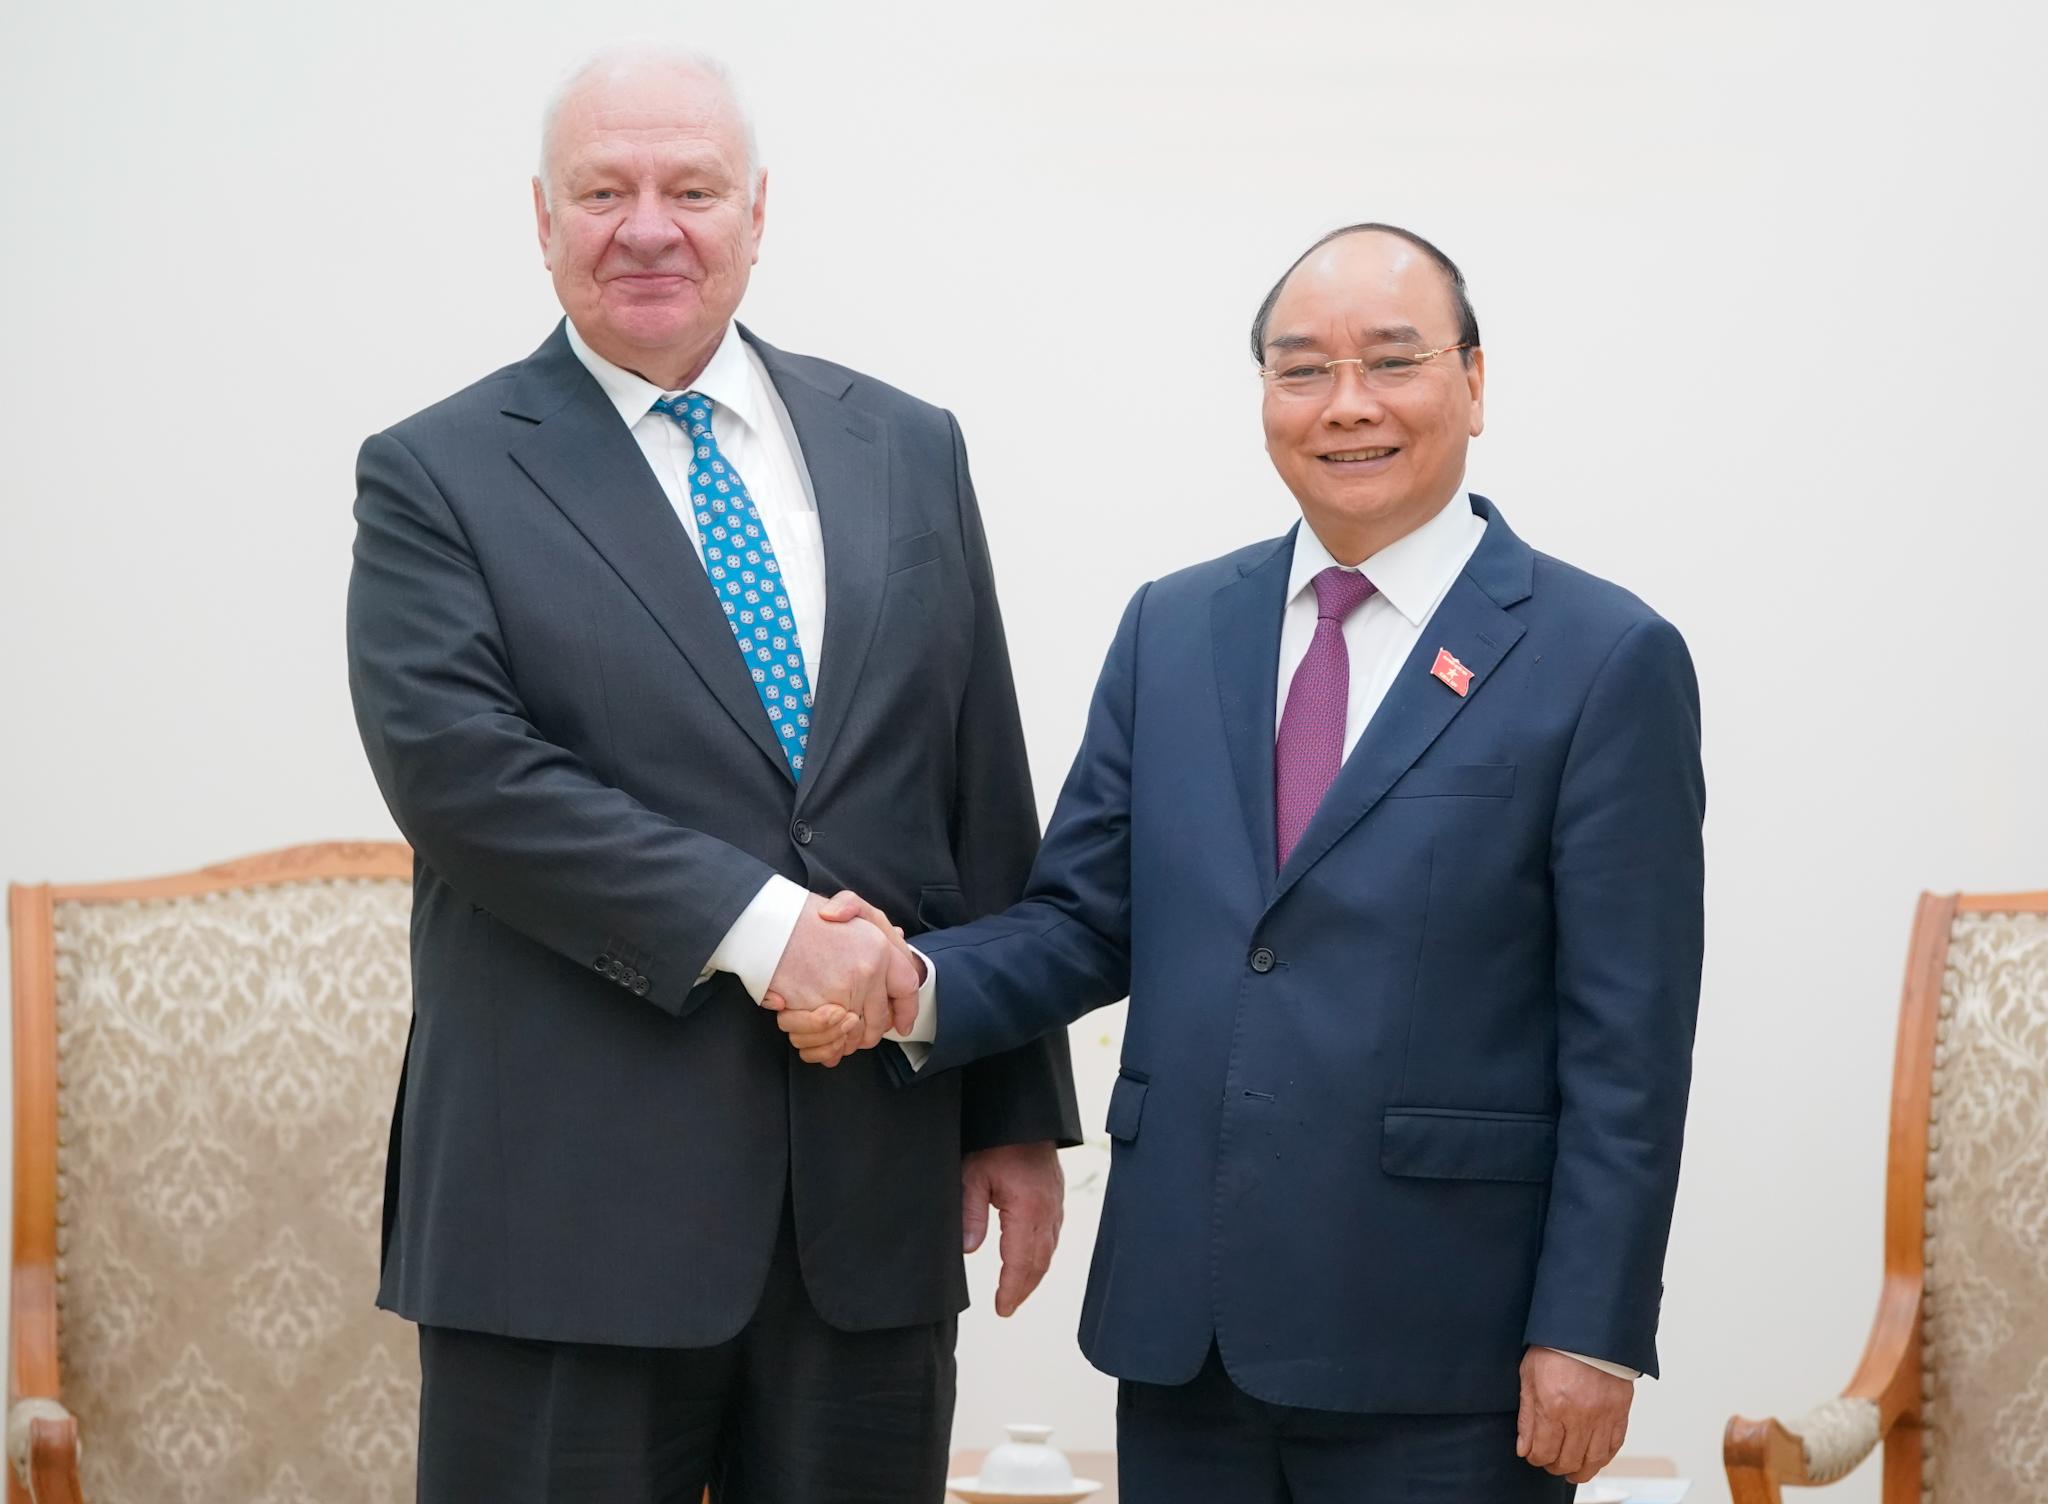 Thủ tướng: Đưa kim ngạch thương mại Việt - Nga sớm đạt 10 tỉ USD  - Ảnh 1.